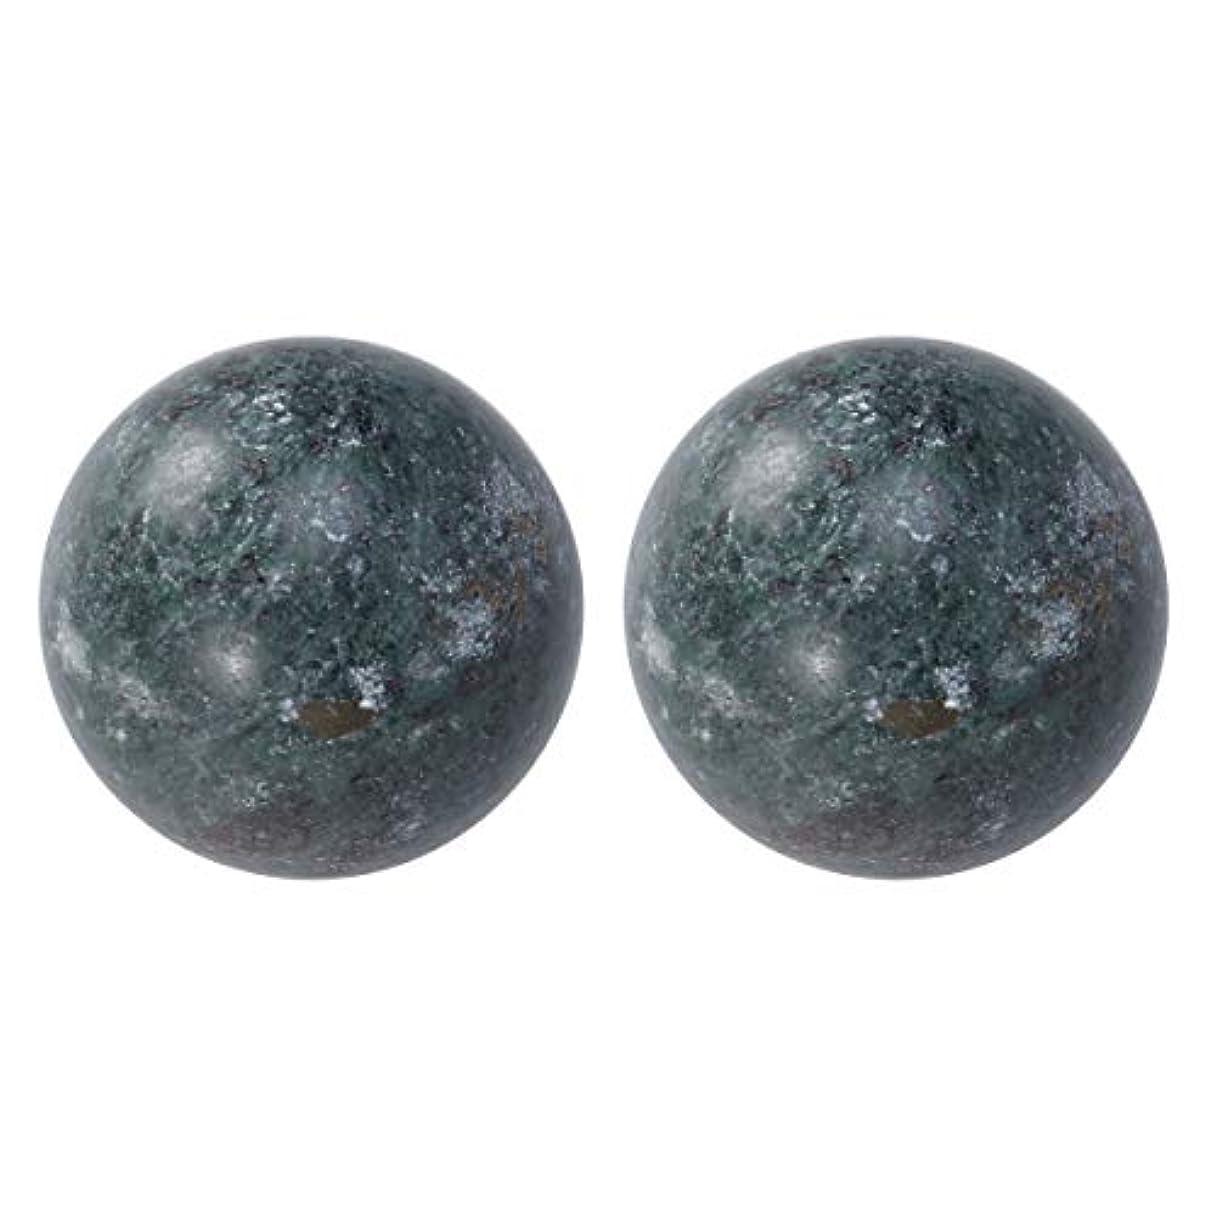 惑星幻影方法SUPVOX 高齢者ヘルスケアボール玉手ボール健康運動ボール老人用2個(ブラック)